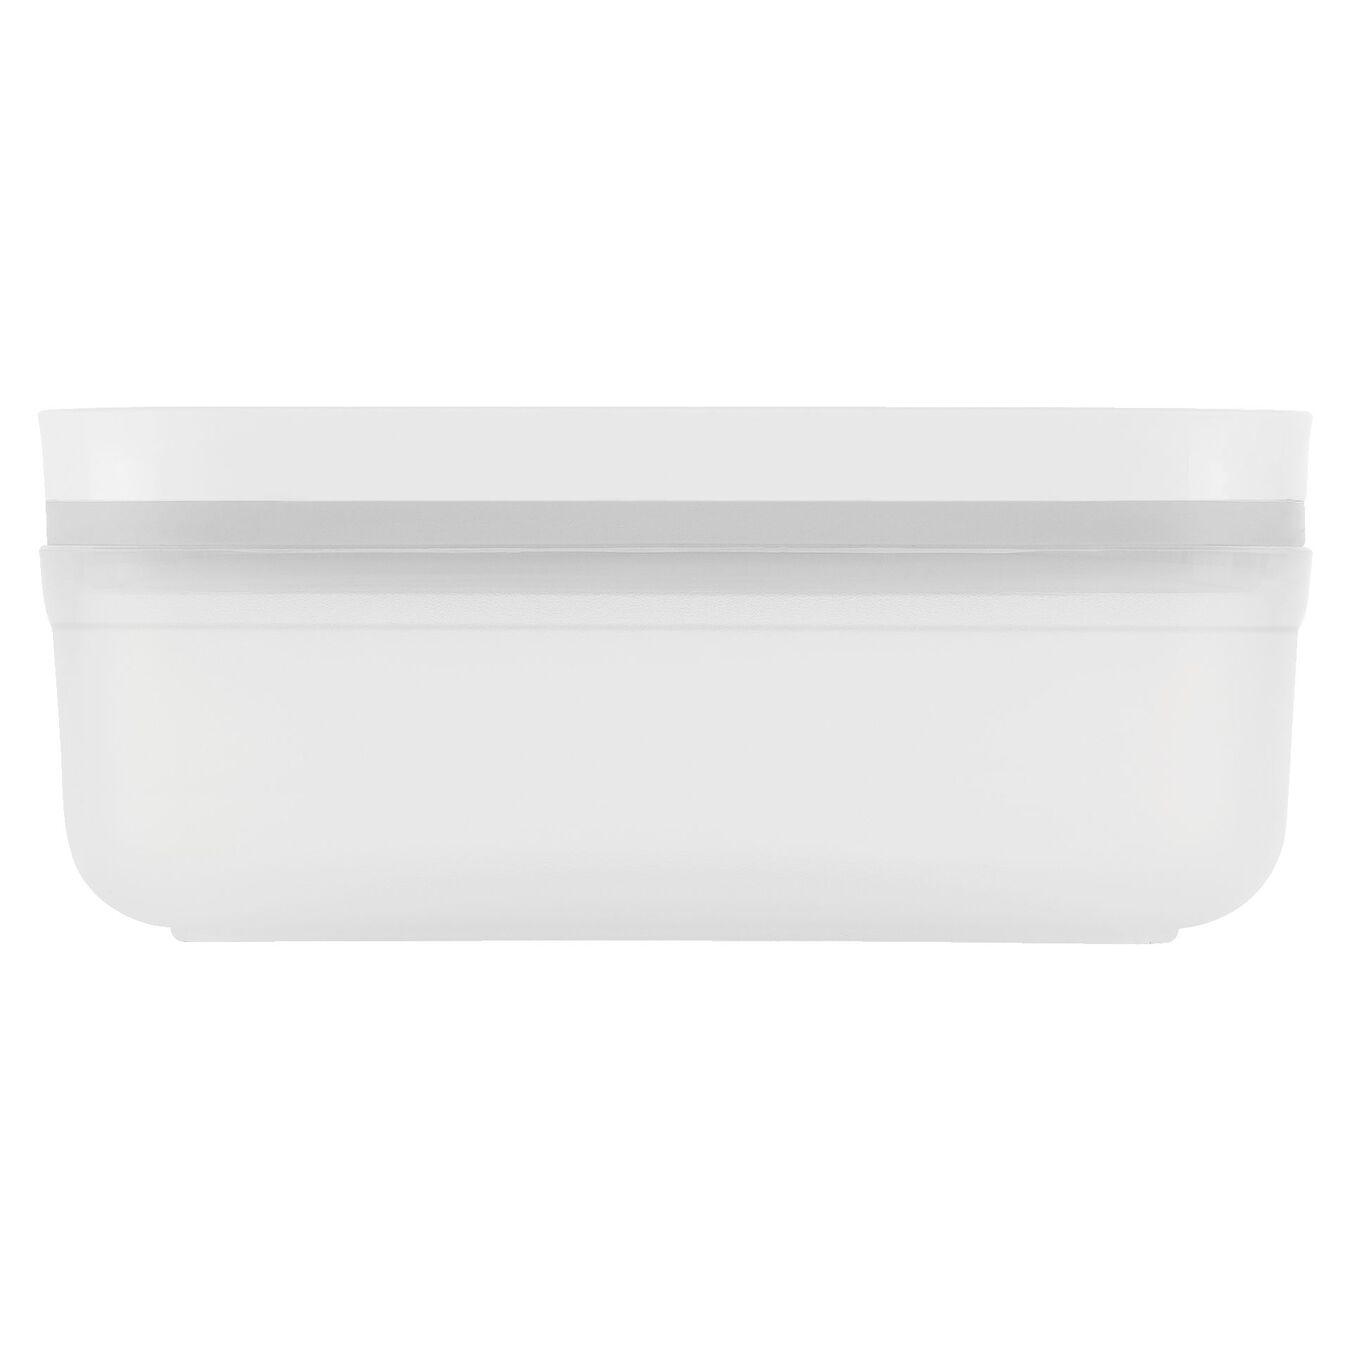 small Vacuum Container, Plastic, white,,large 3